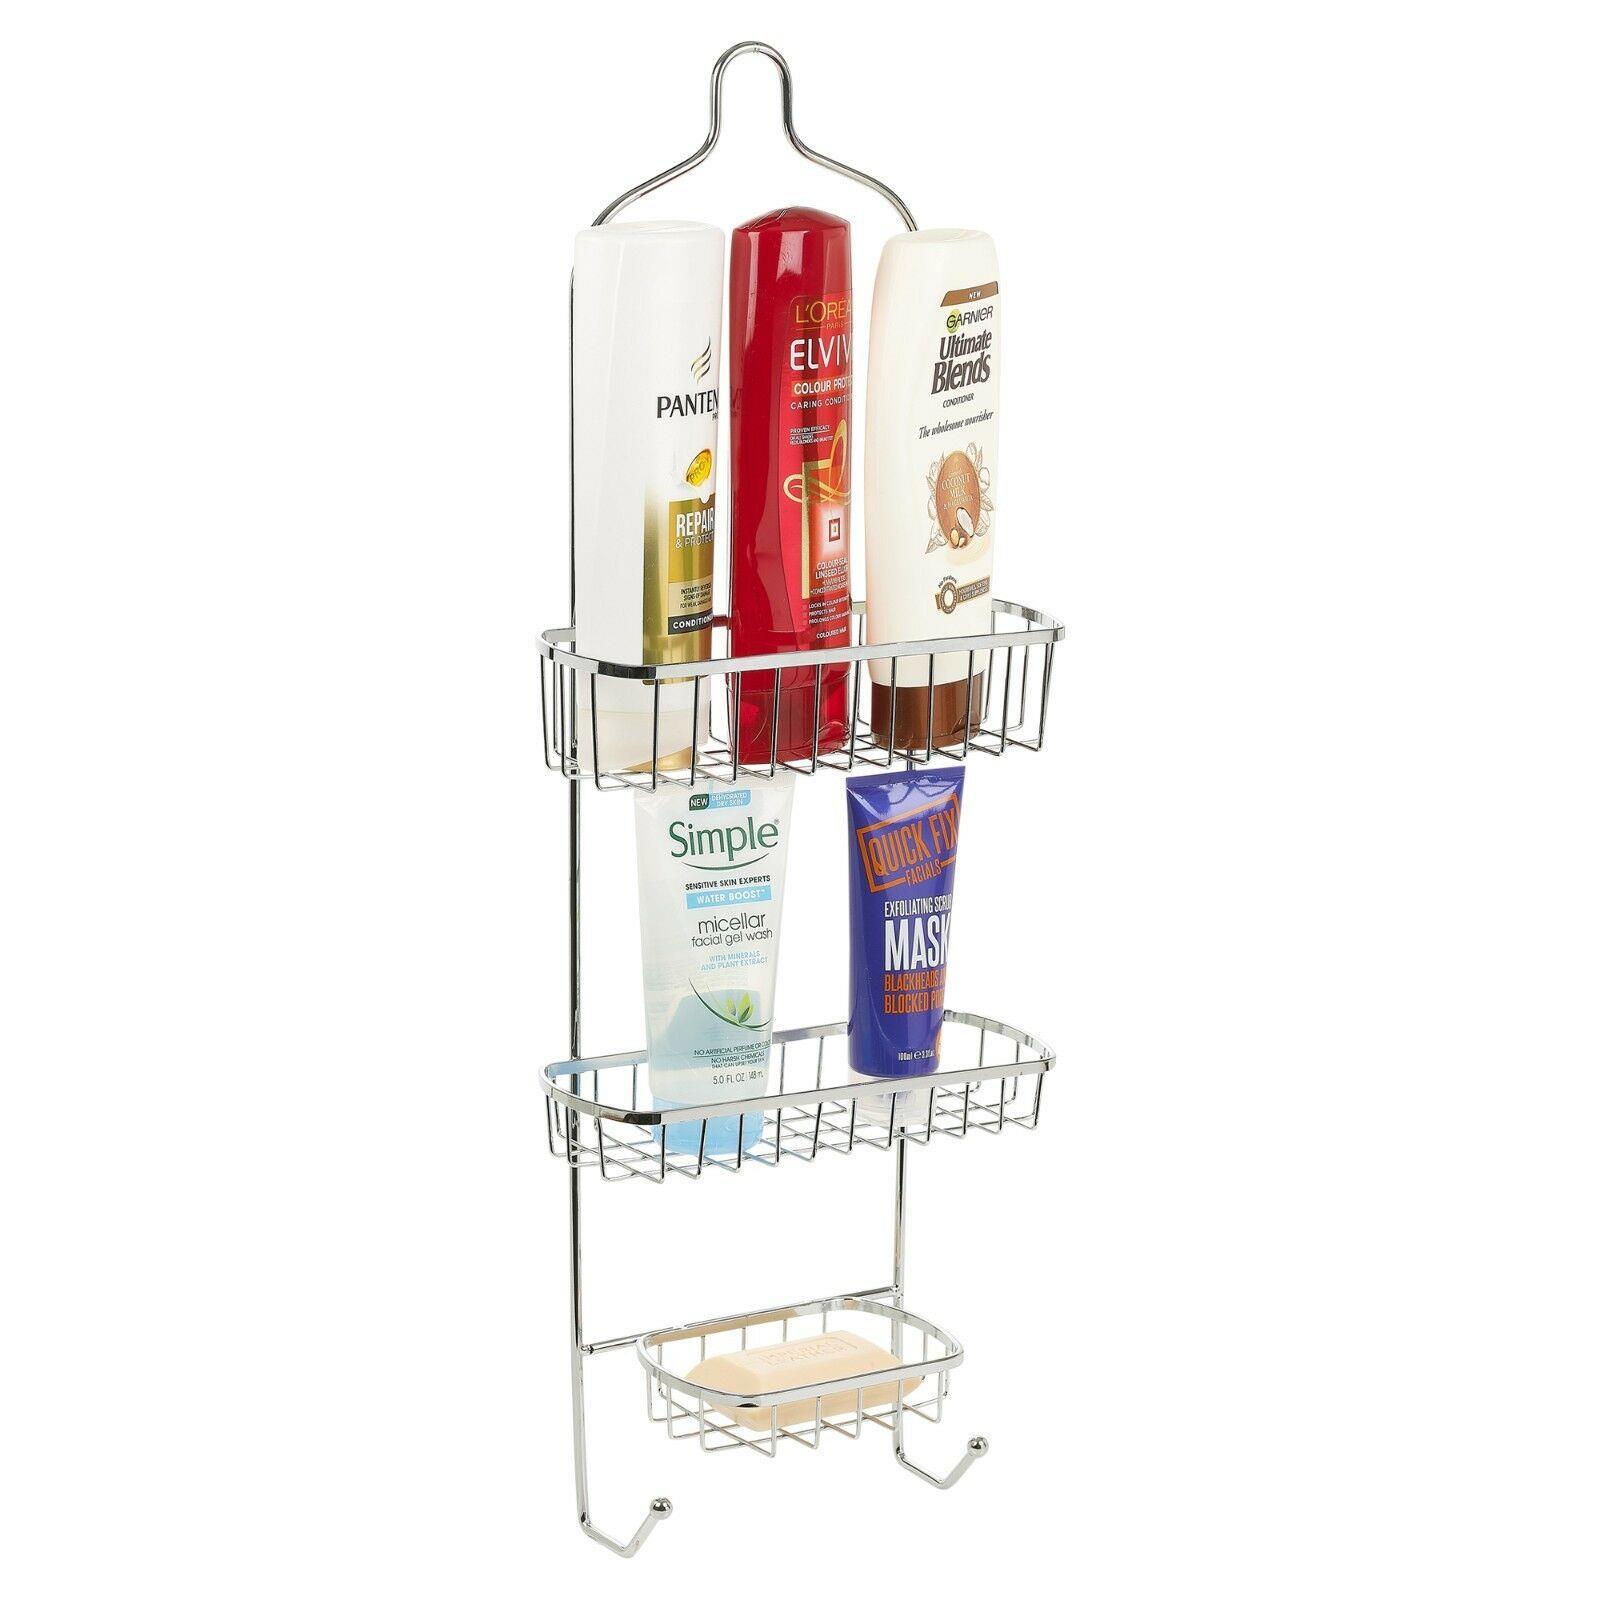 3 Tier Chrome Shower Caddy Bathroom Hanging Storage Rack Shelf Bath Storage New